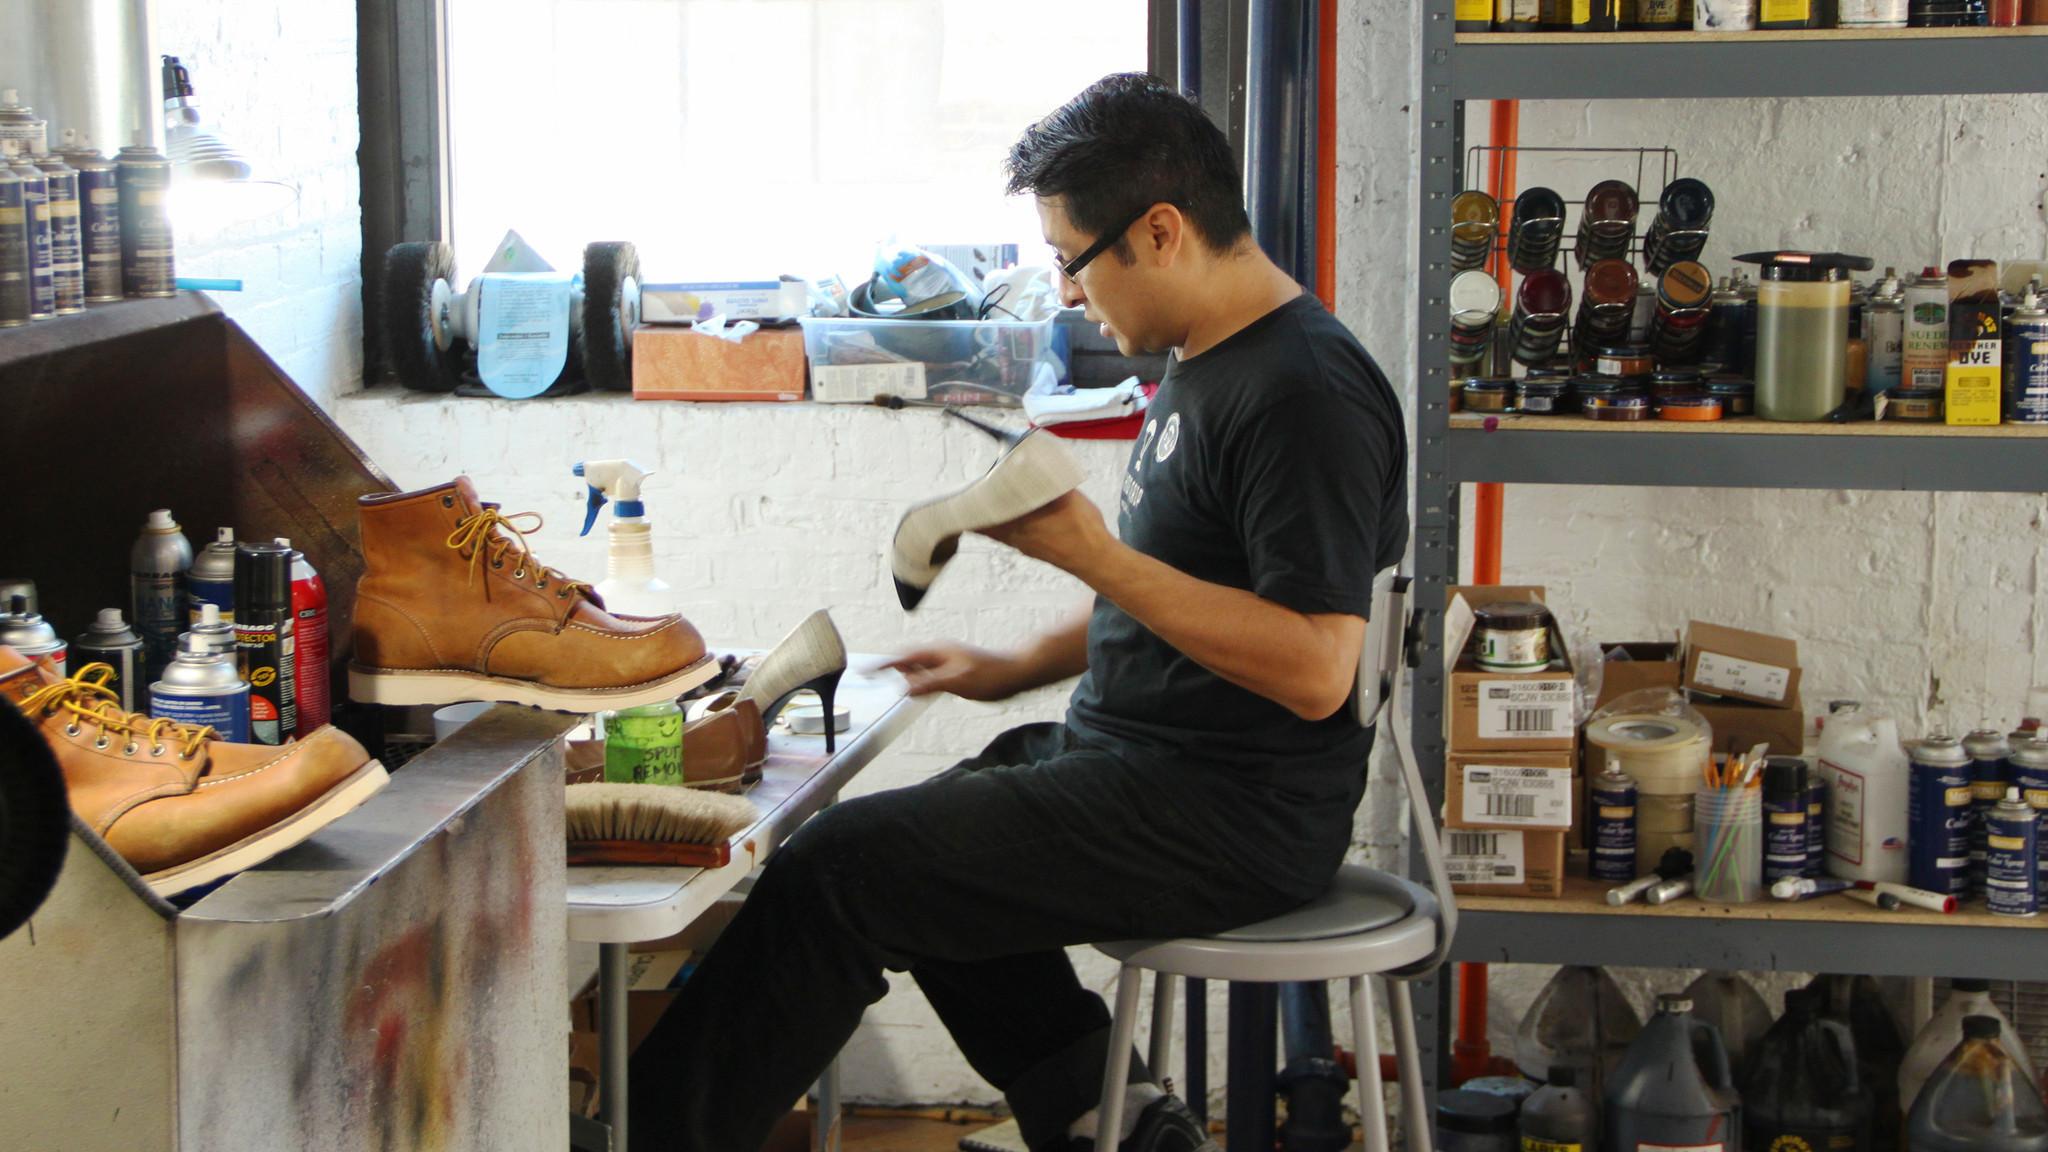 Glenwood Shoe Repair